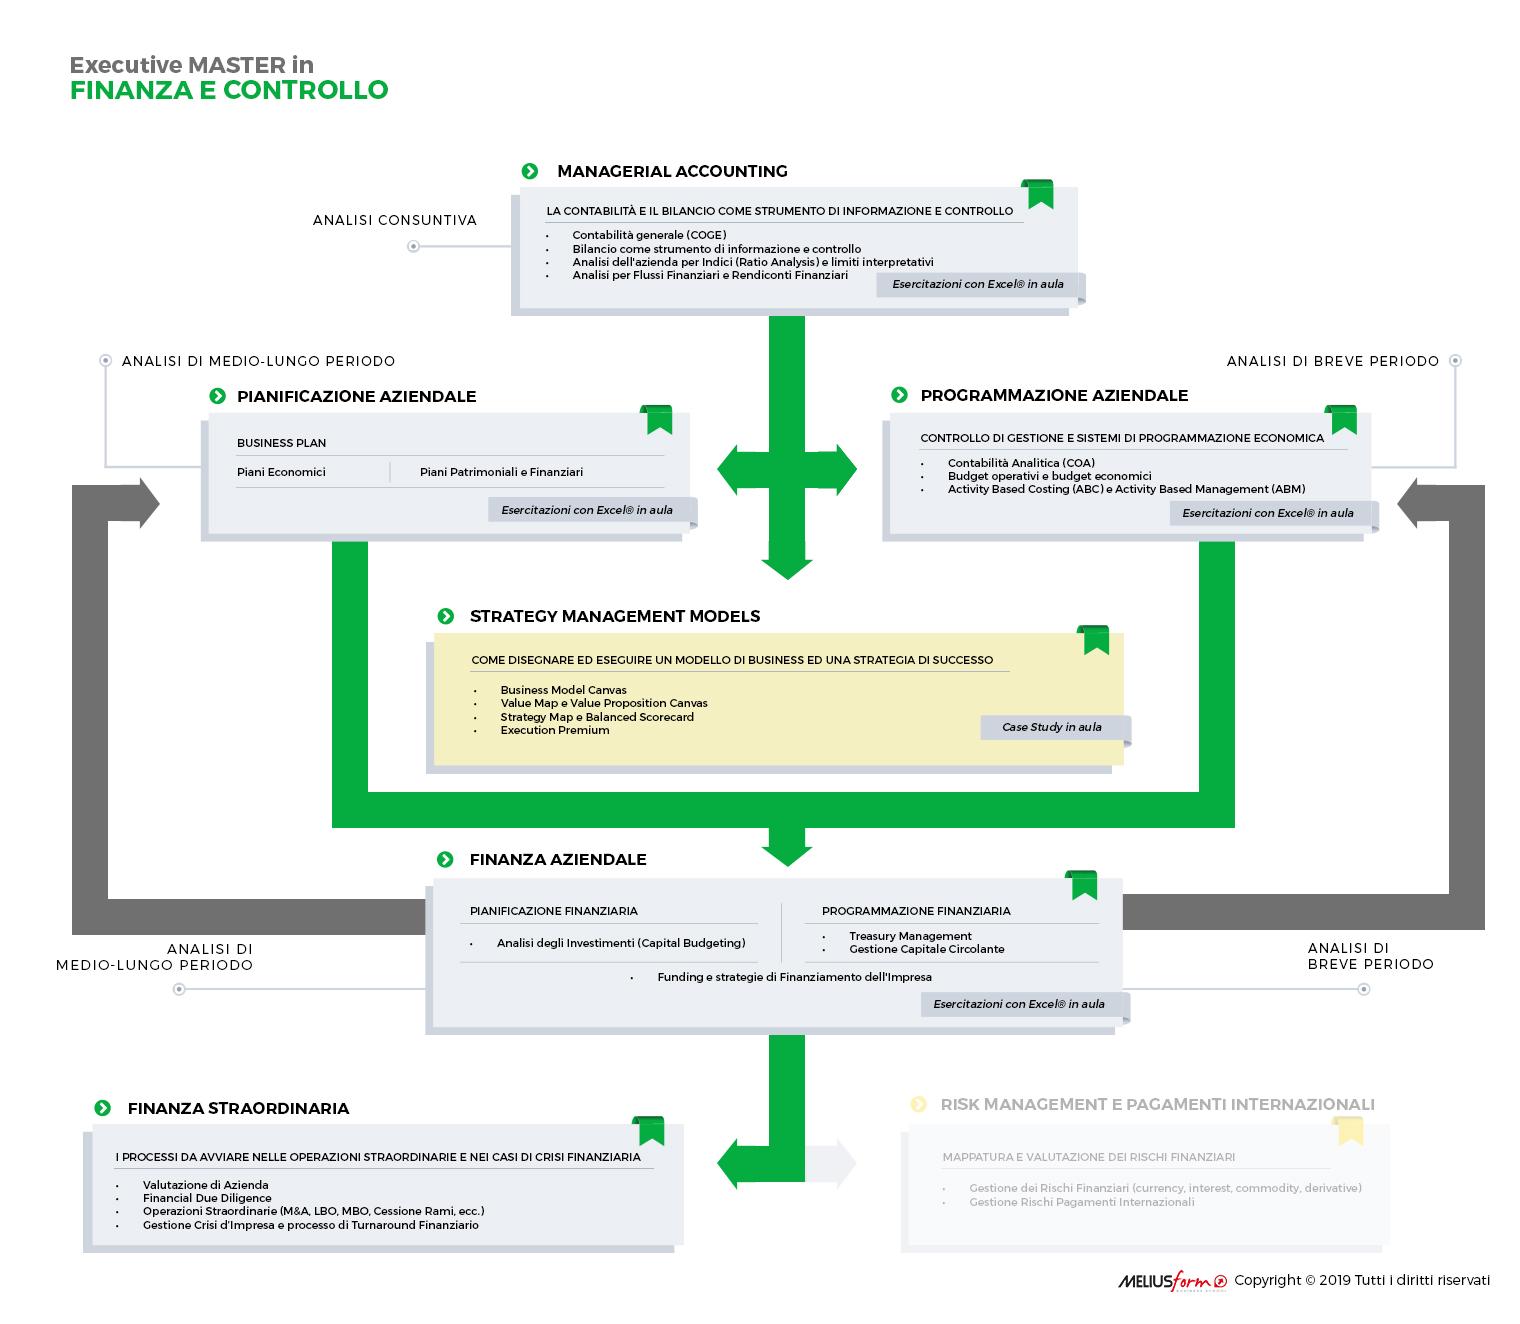 Presentazione Grafica del Master in Finanza e Controllo di MELIUSform